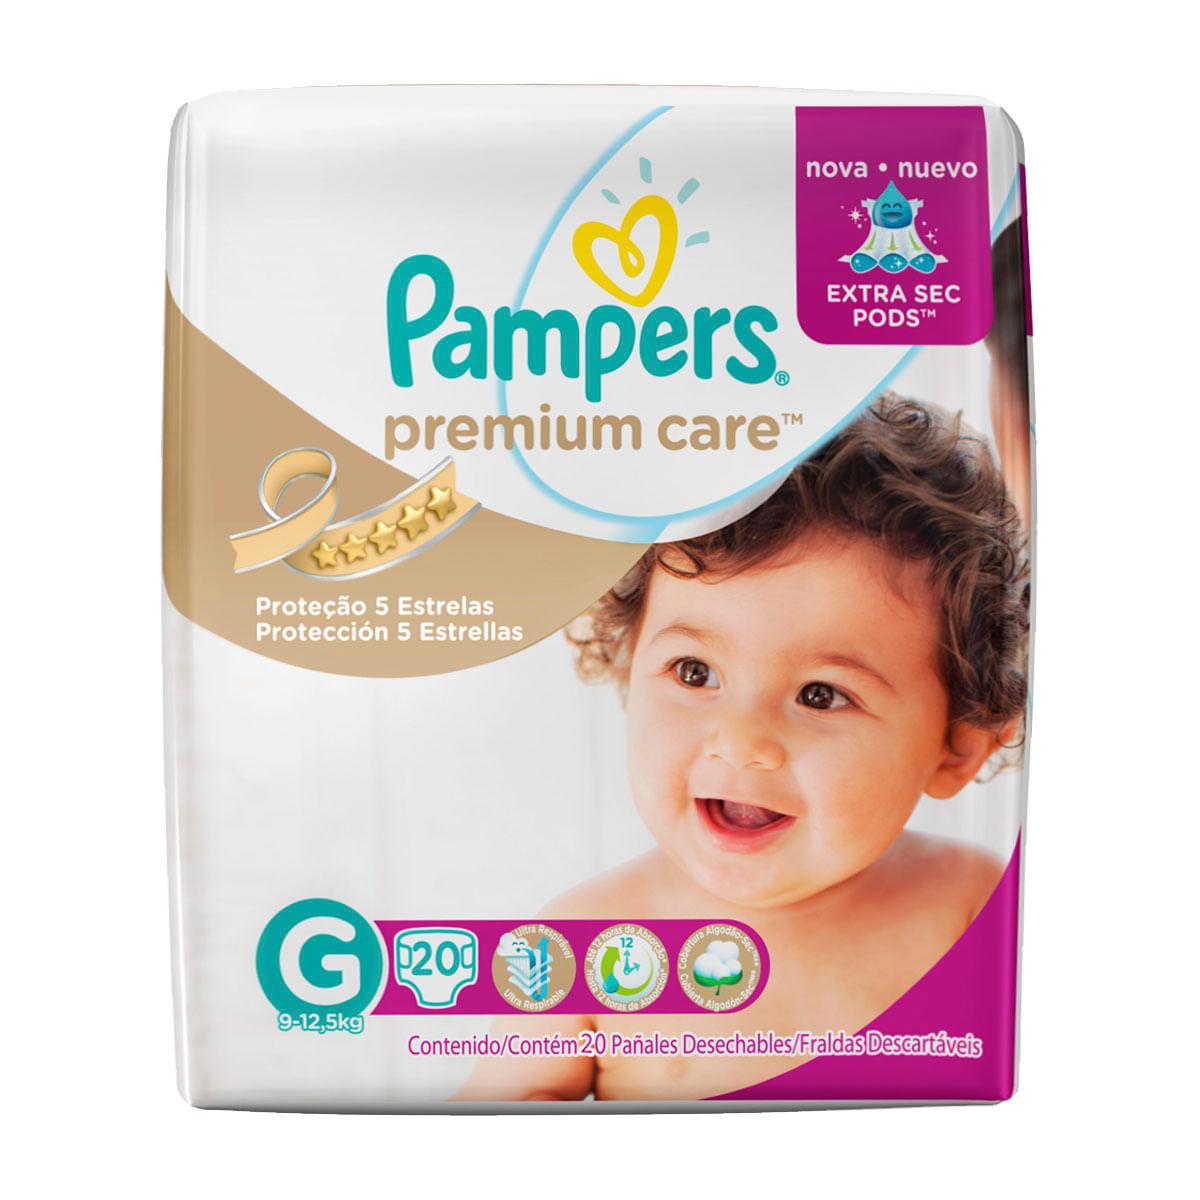 fde9c036a Fralda Pampers Premium Care Tamanho G - 20 unidades